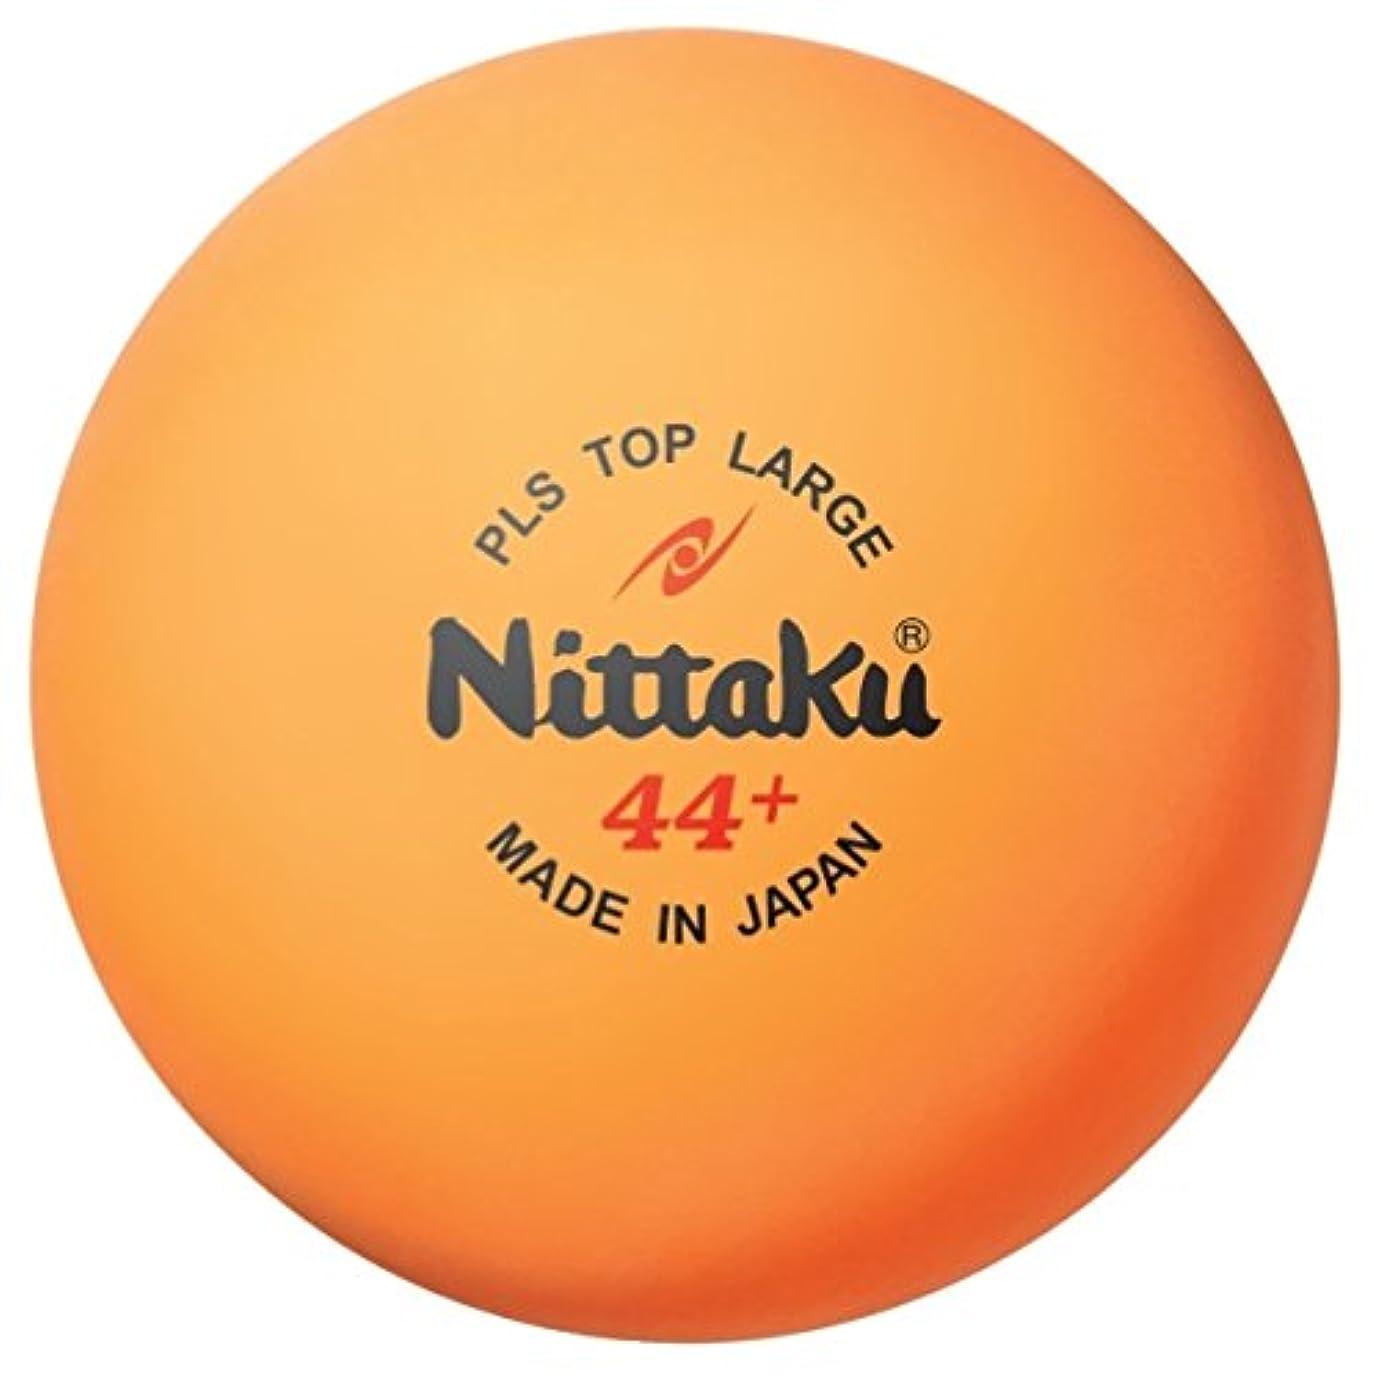 クラックポット断言する楽しませるニッタク(Nittaku) 卓球 ボール 練習用 ラージボール